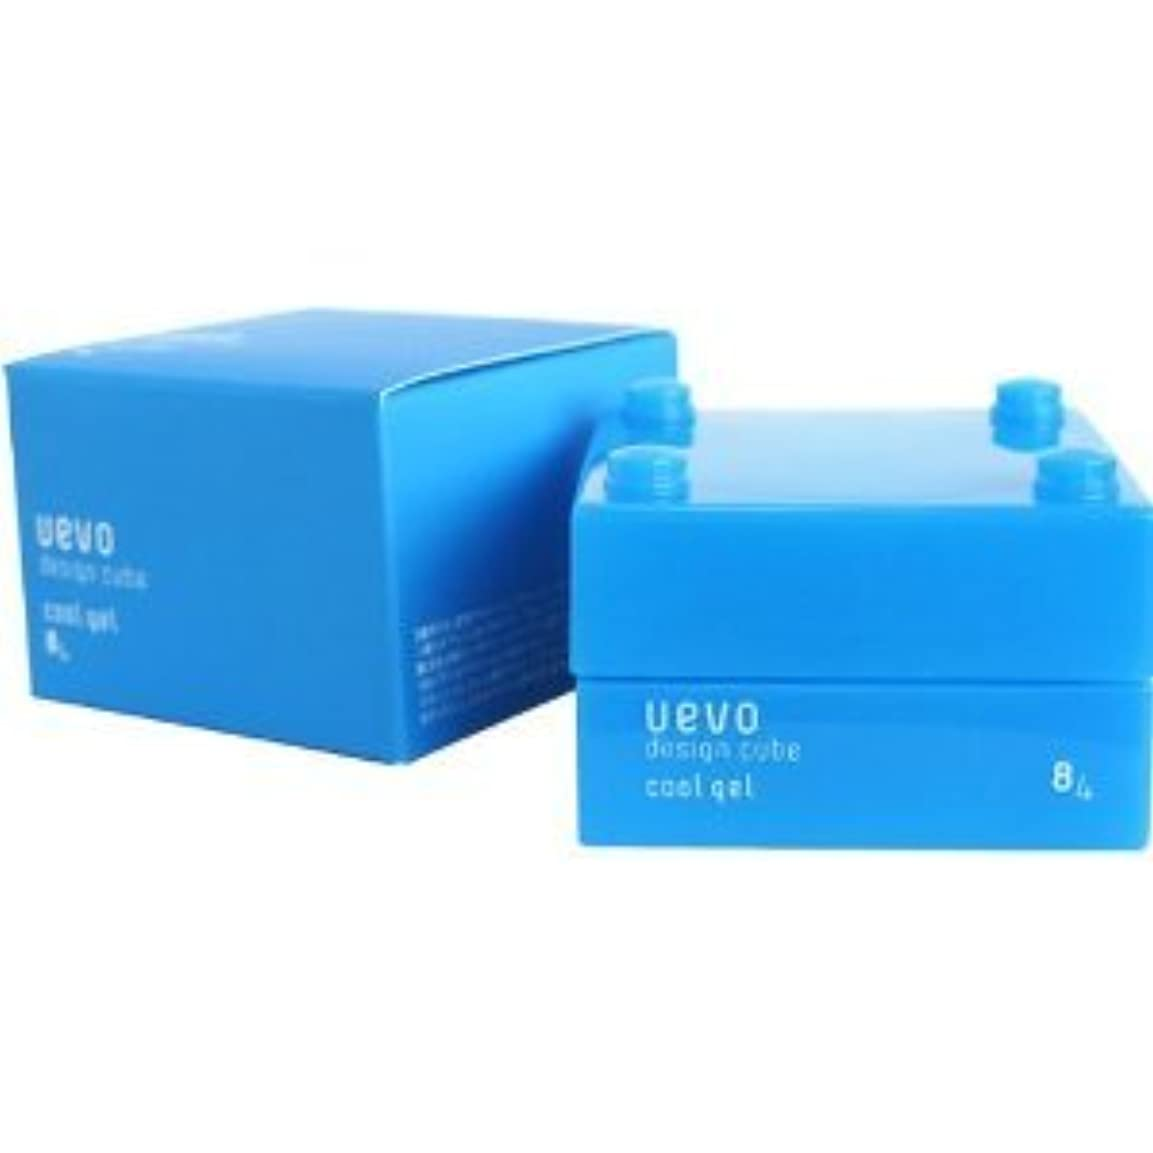 脱獄確立ベンチ【X3個セット】 デミ ウェーボ デザインキューブ クールジェル 30g cool gel DEMI uevo design cube